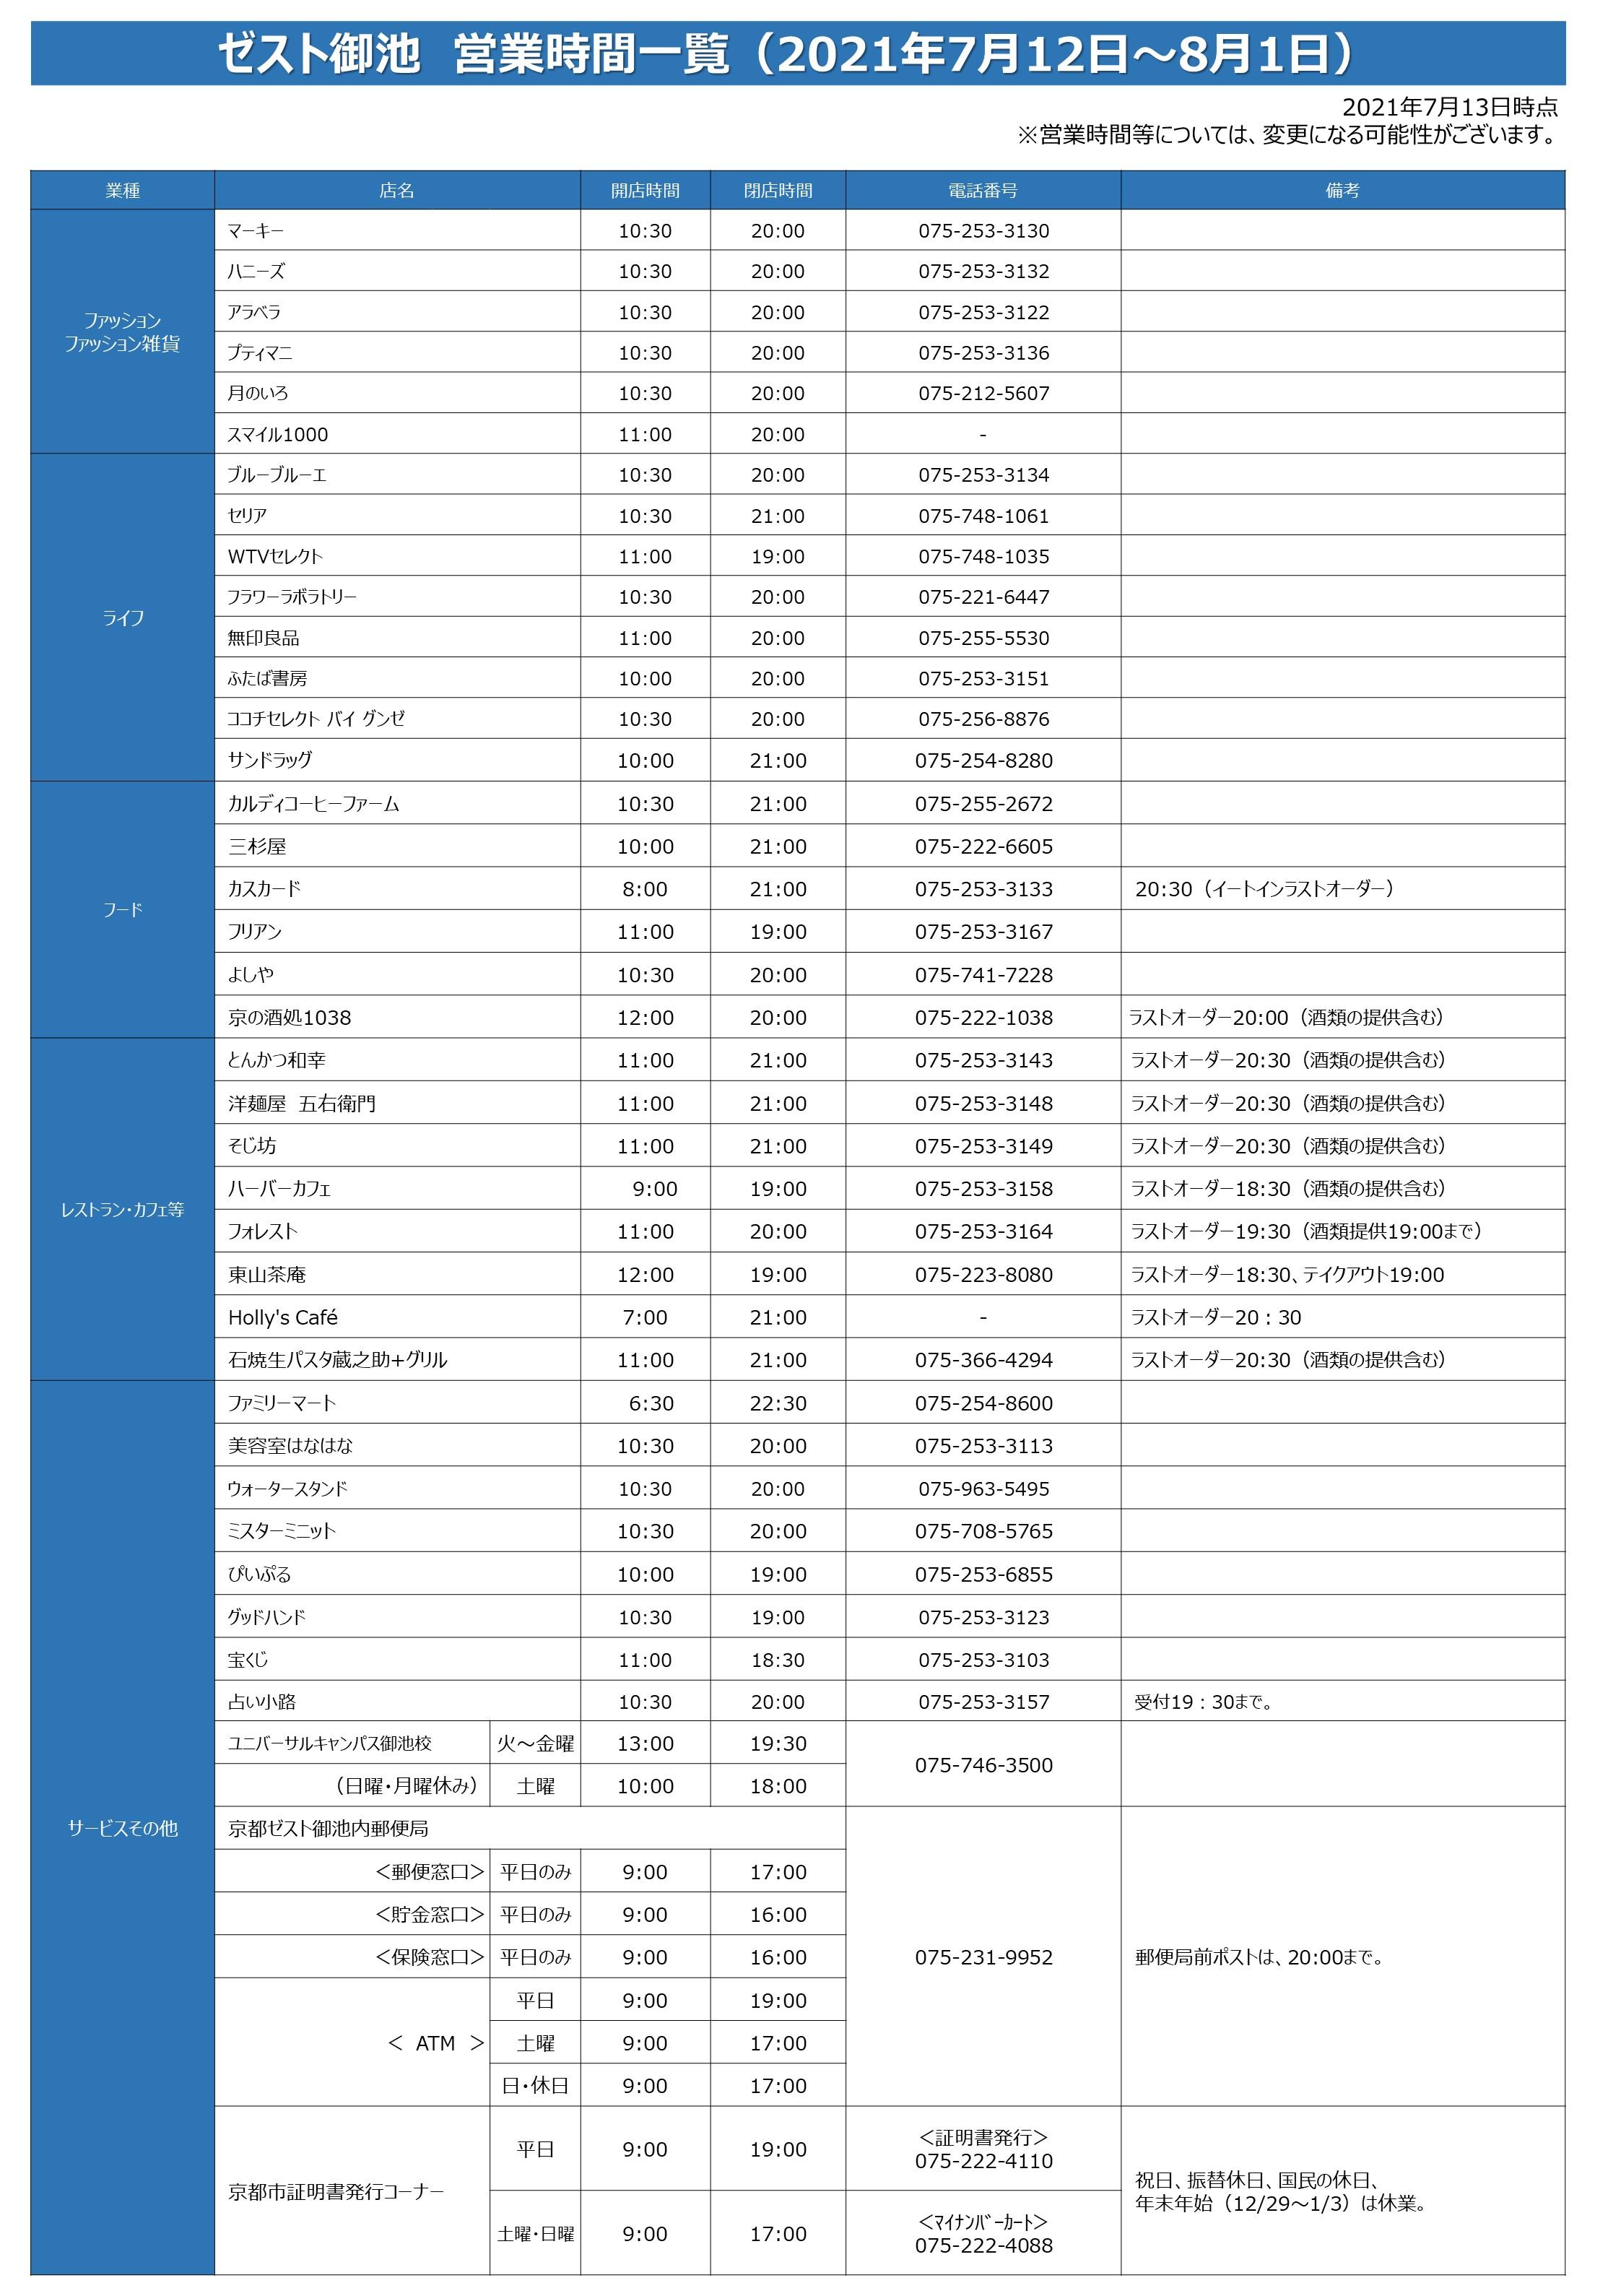 「京都府まん延防止等重点措置解除」に伴う営業時間のお知らせ(2021.07.13)